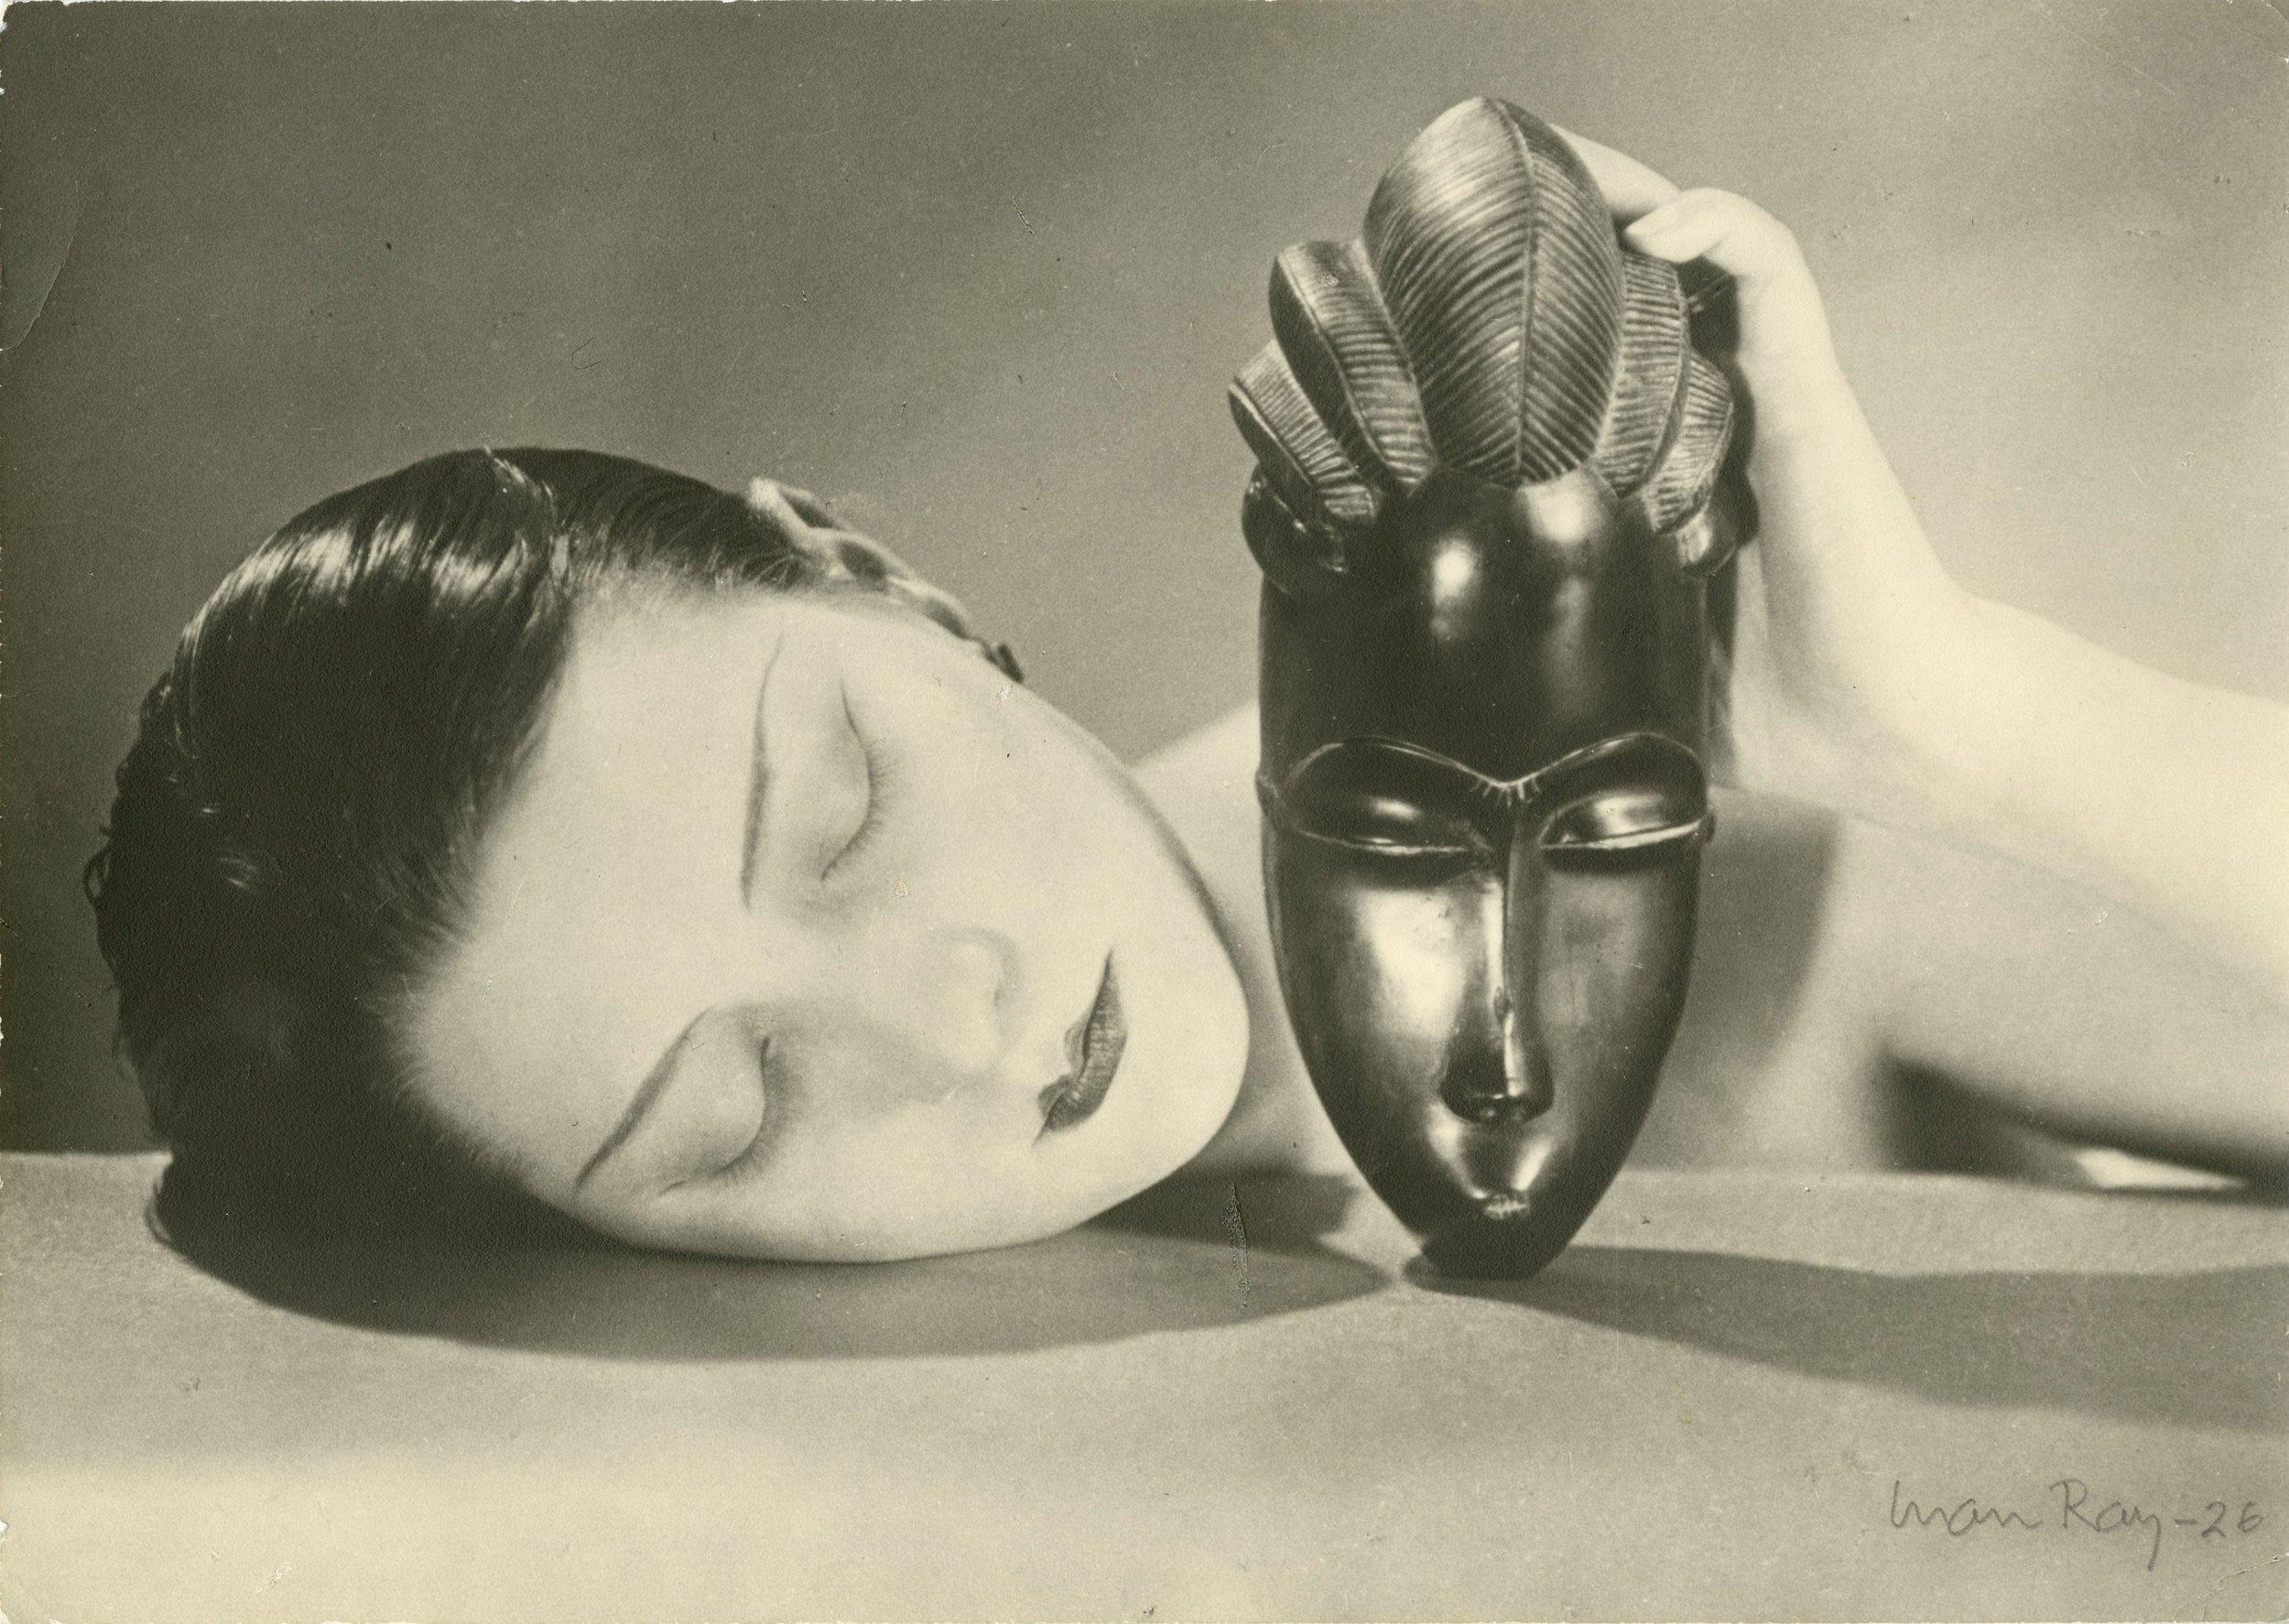 Man Ray  Noire et Blanche, 1926 (um 1970) Silbergelatineprint Privatbesitz, Courtesy Galerie 1900-2000, Paris © MAN RAY TRUST/Bildrecht, Wien, 2017/18